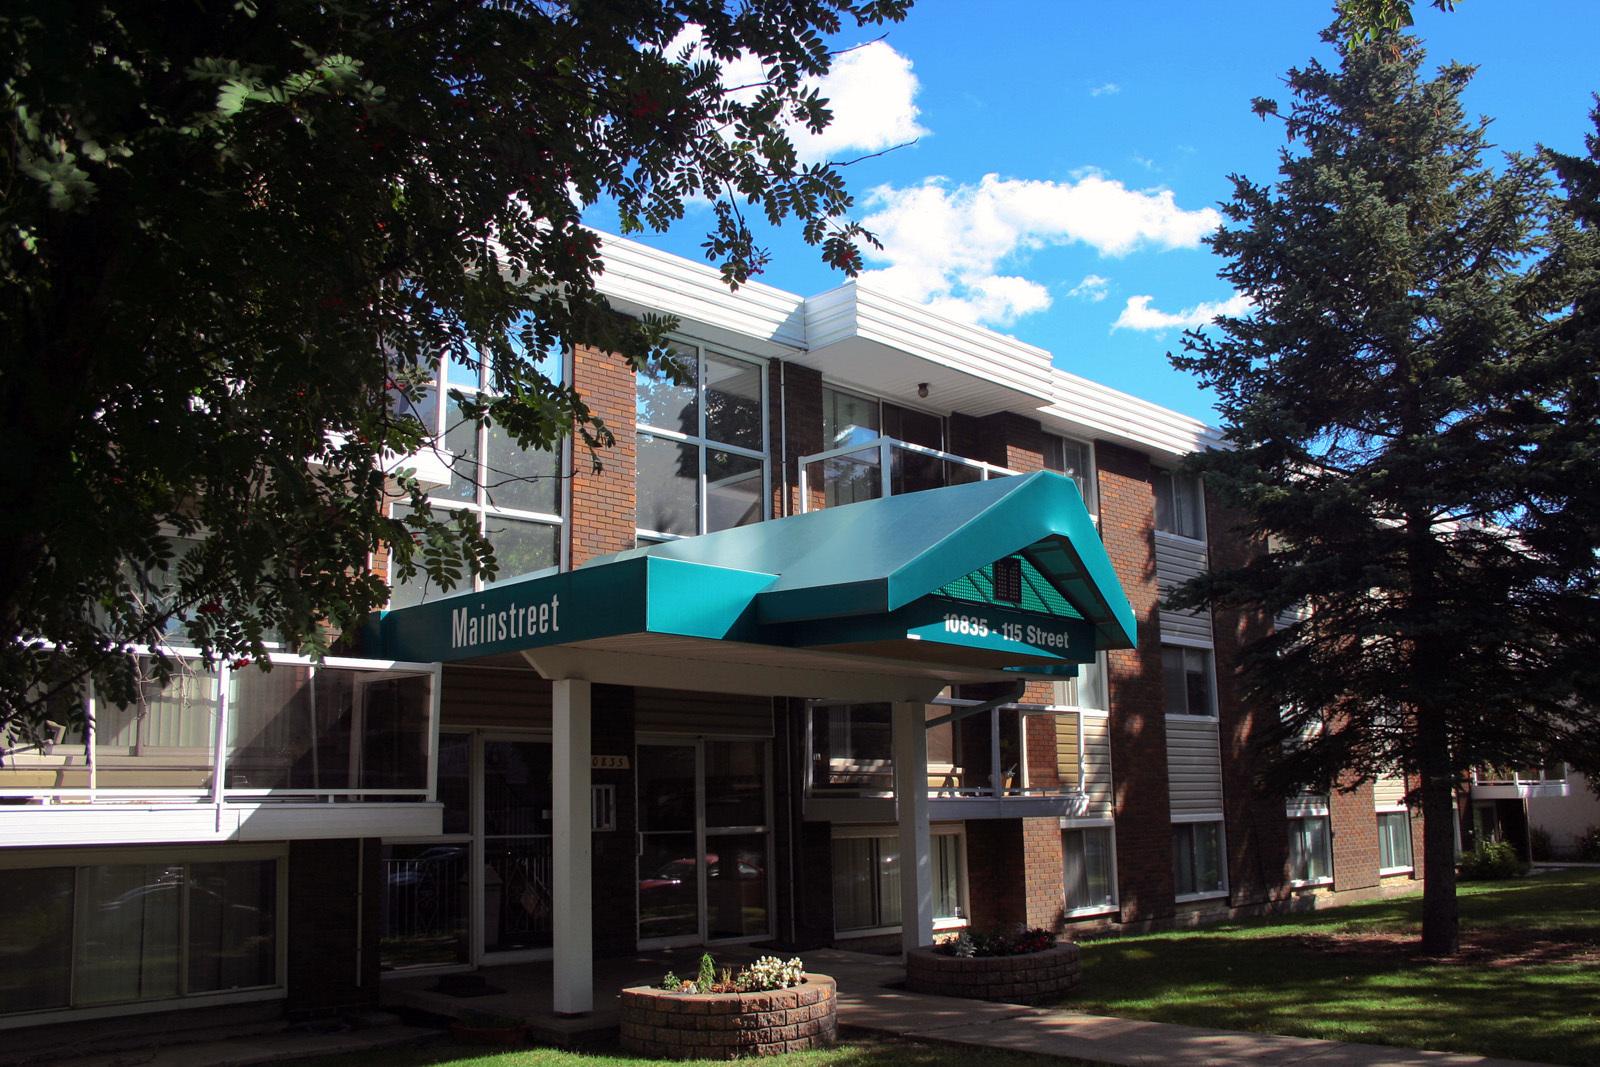 10835 115 Street NW, Edmonton, AB - $750